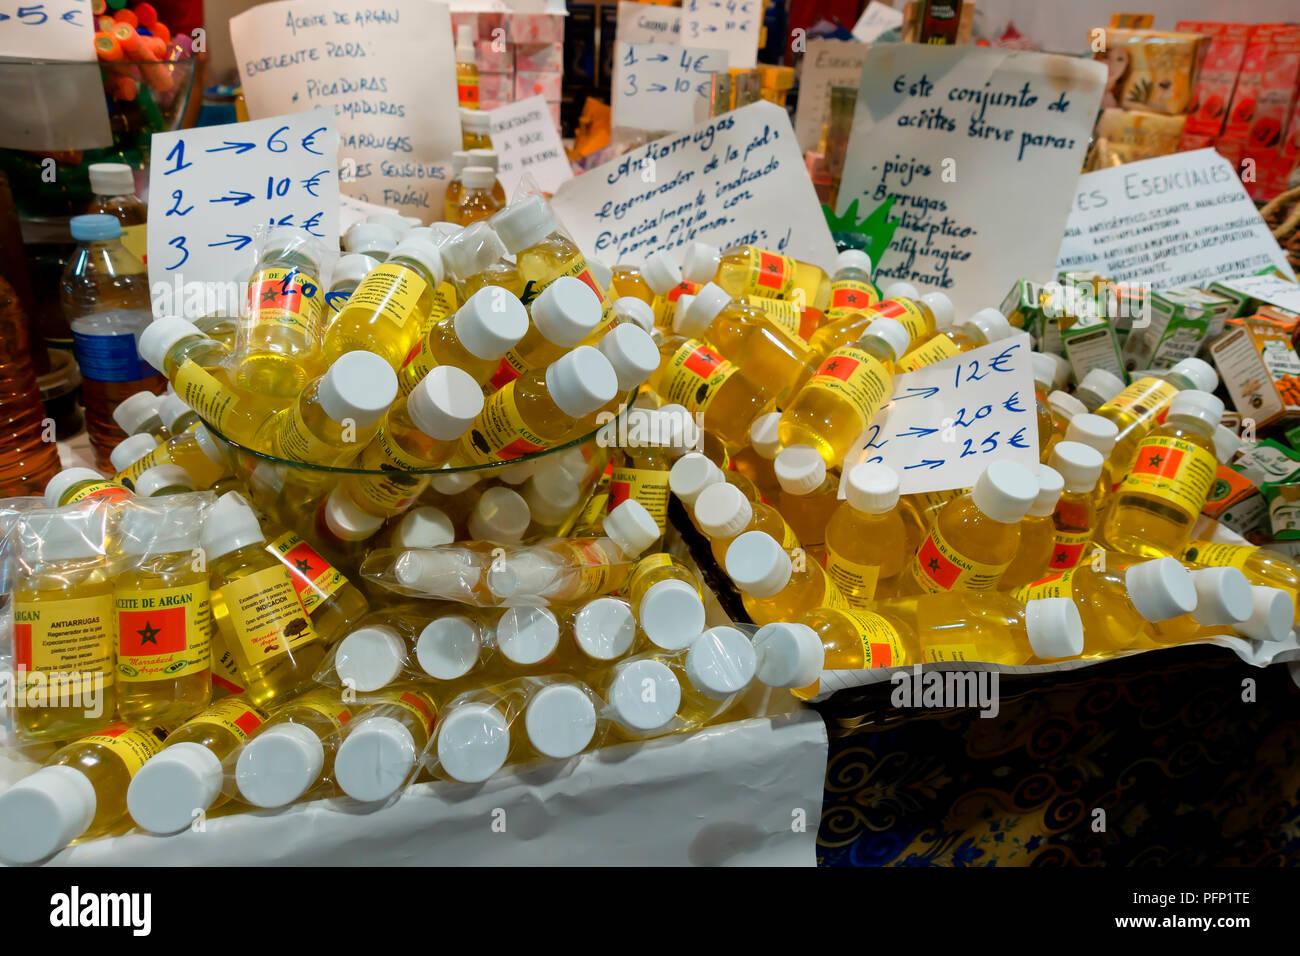 Un quiosco que vende el aceite de argán en la Feria de Gijón en 2018. El 16 de agosto de 2018. España. Antioxidante y cicatrizante, y mucho más. Imagen De Stock